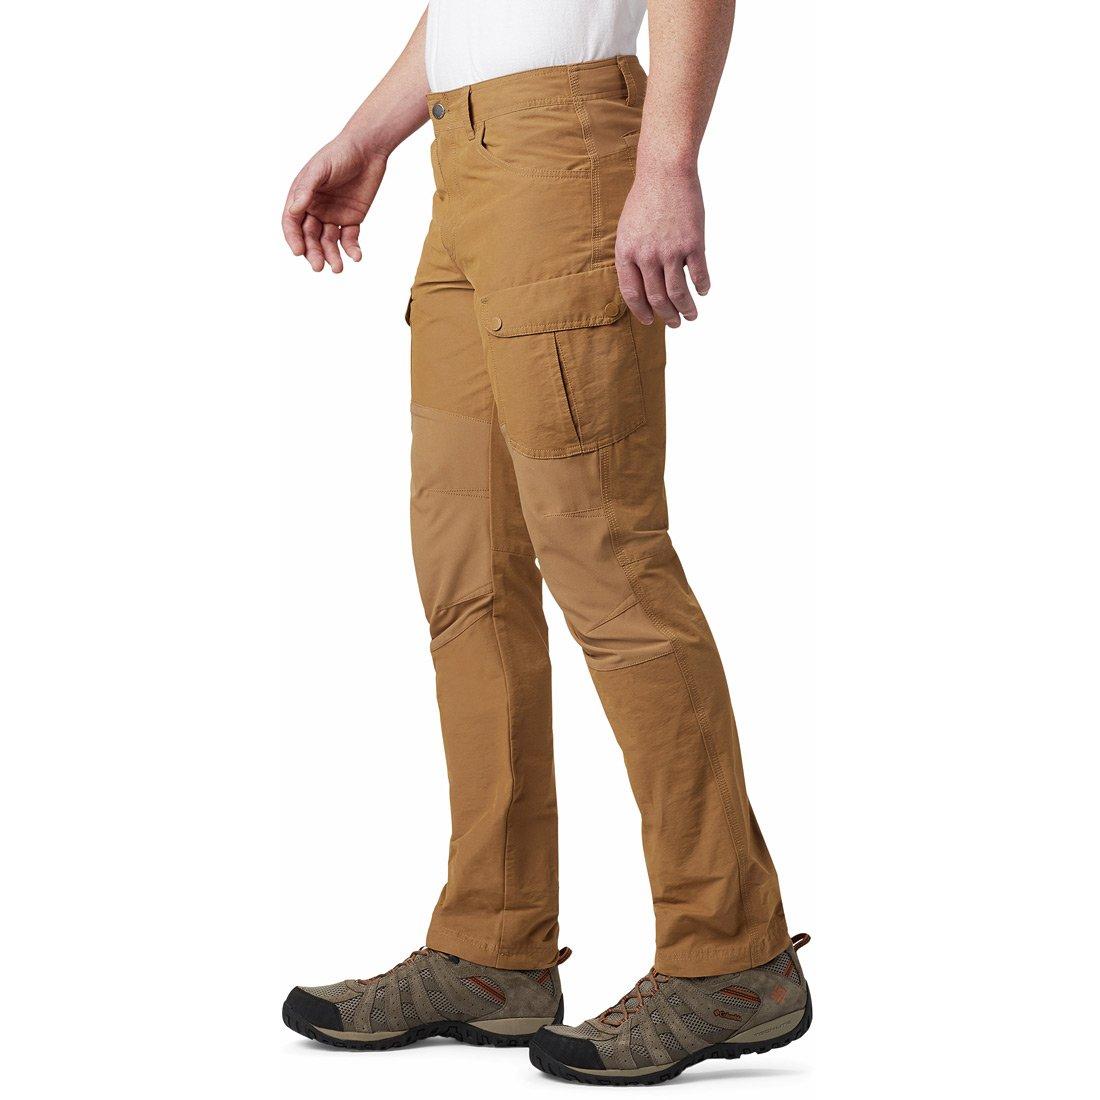 מכנסיים ארוכים לגברים - Twisted Divide II - Columbia